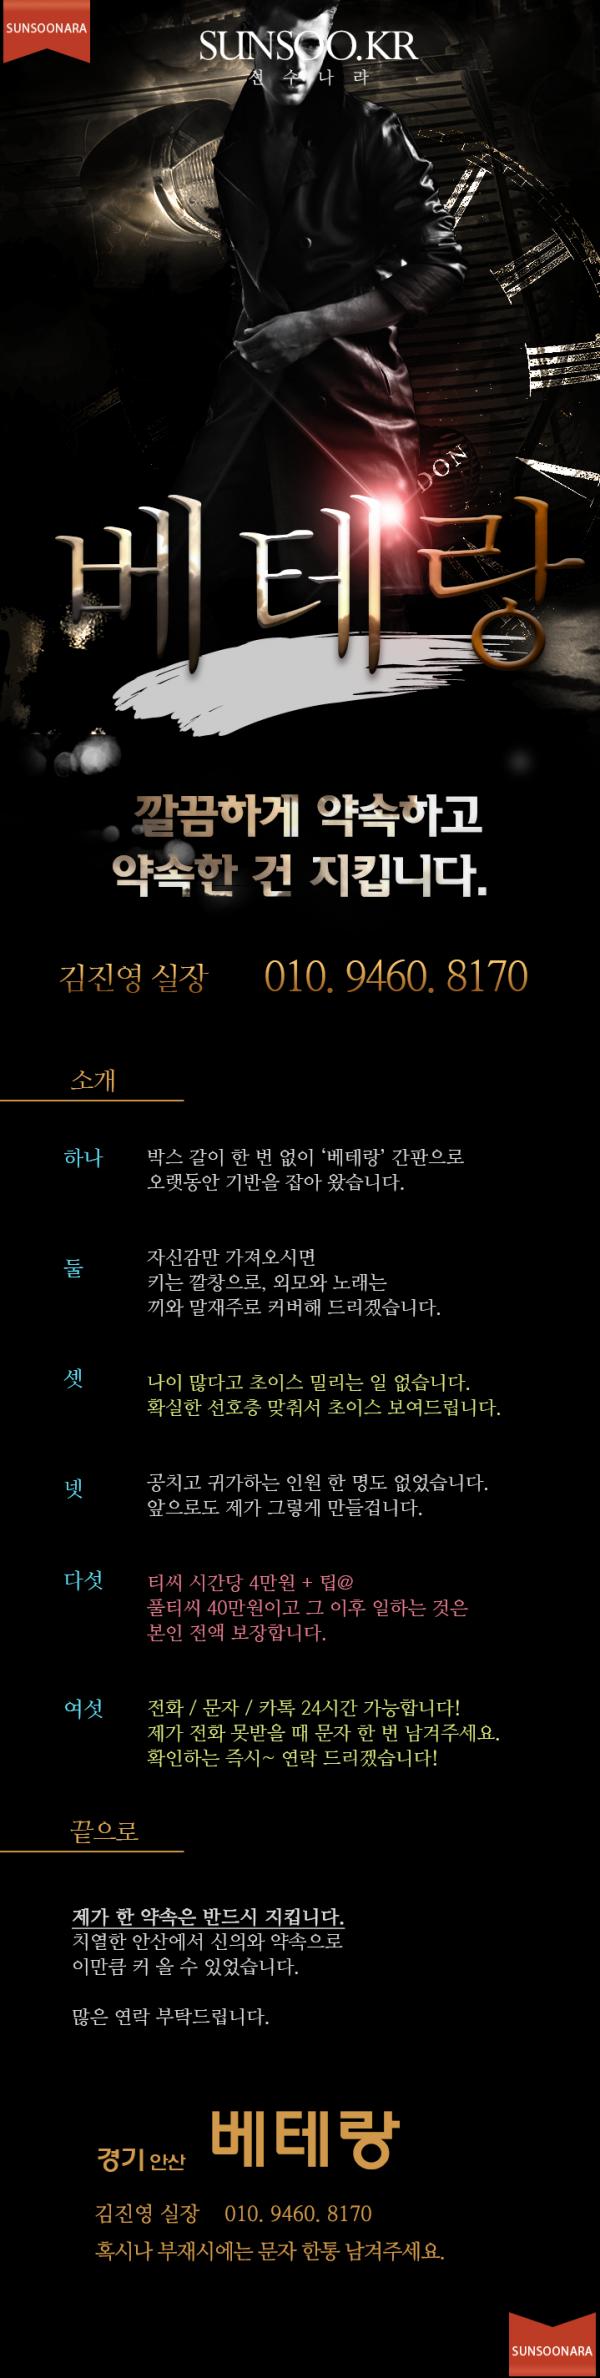 안산 베테랑2.png